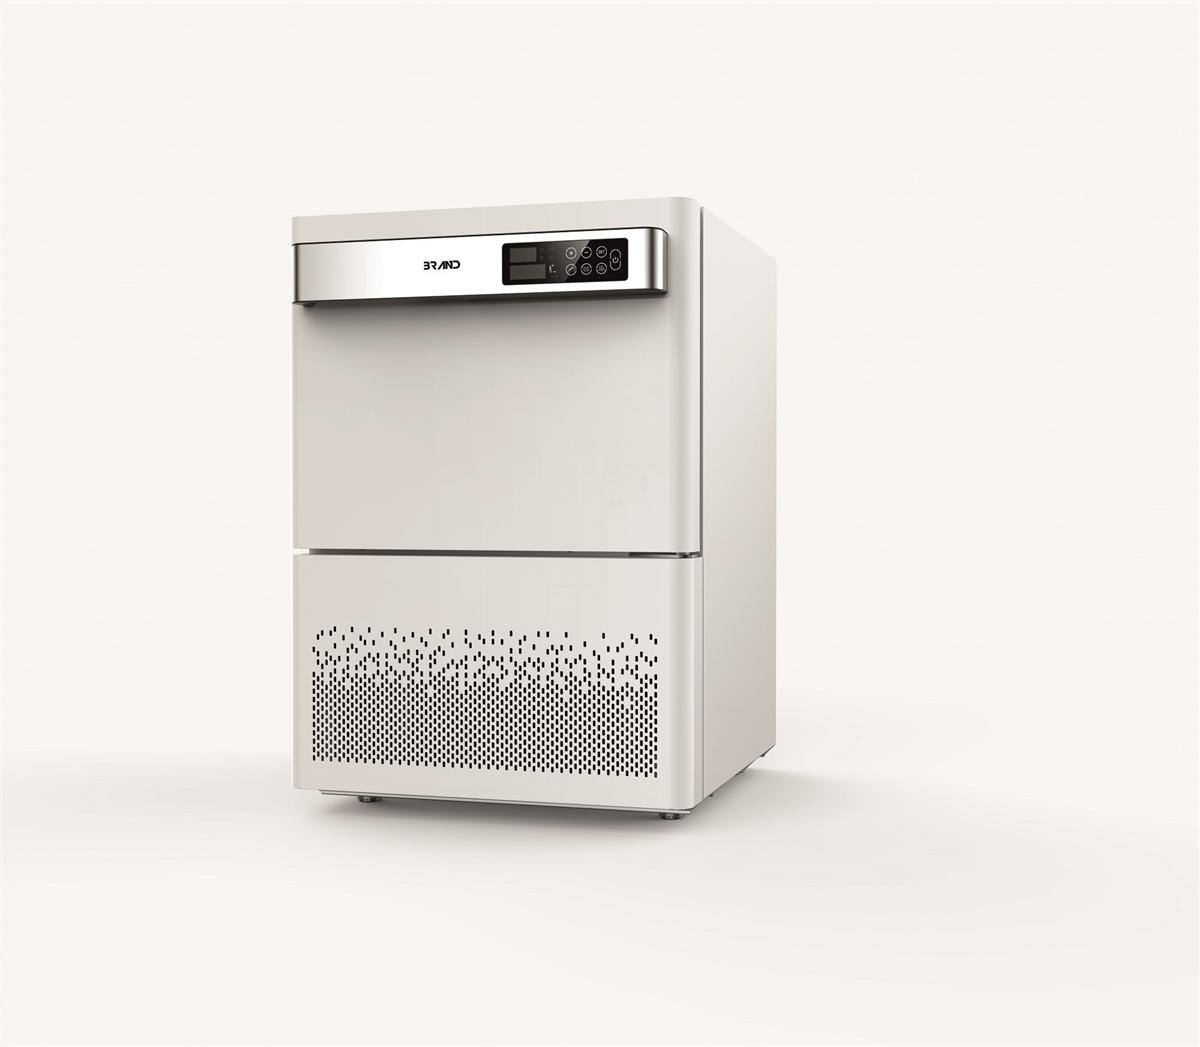 Abbattitore/Congelatore Domestico - Temparatura fino a -35C - Pannello di Controllo Touch Screen